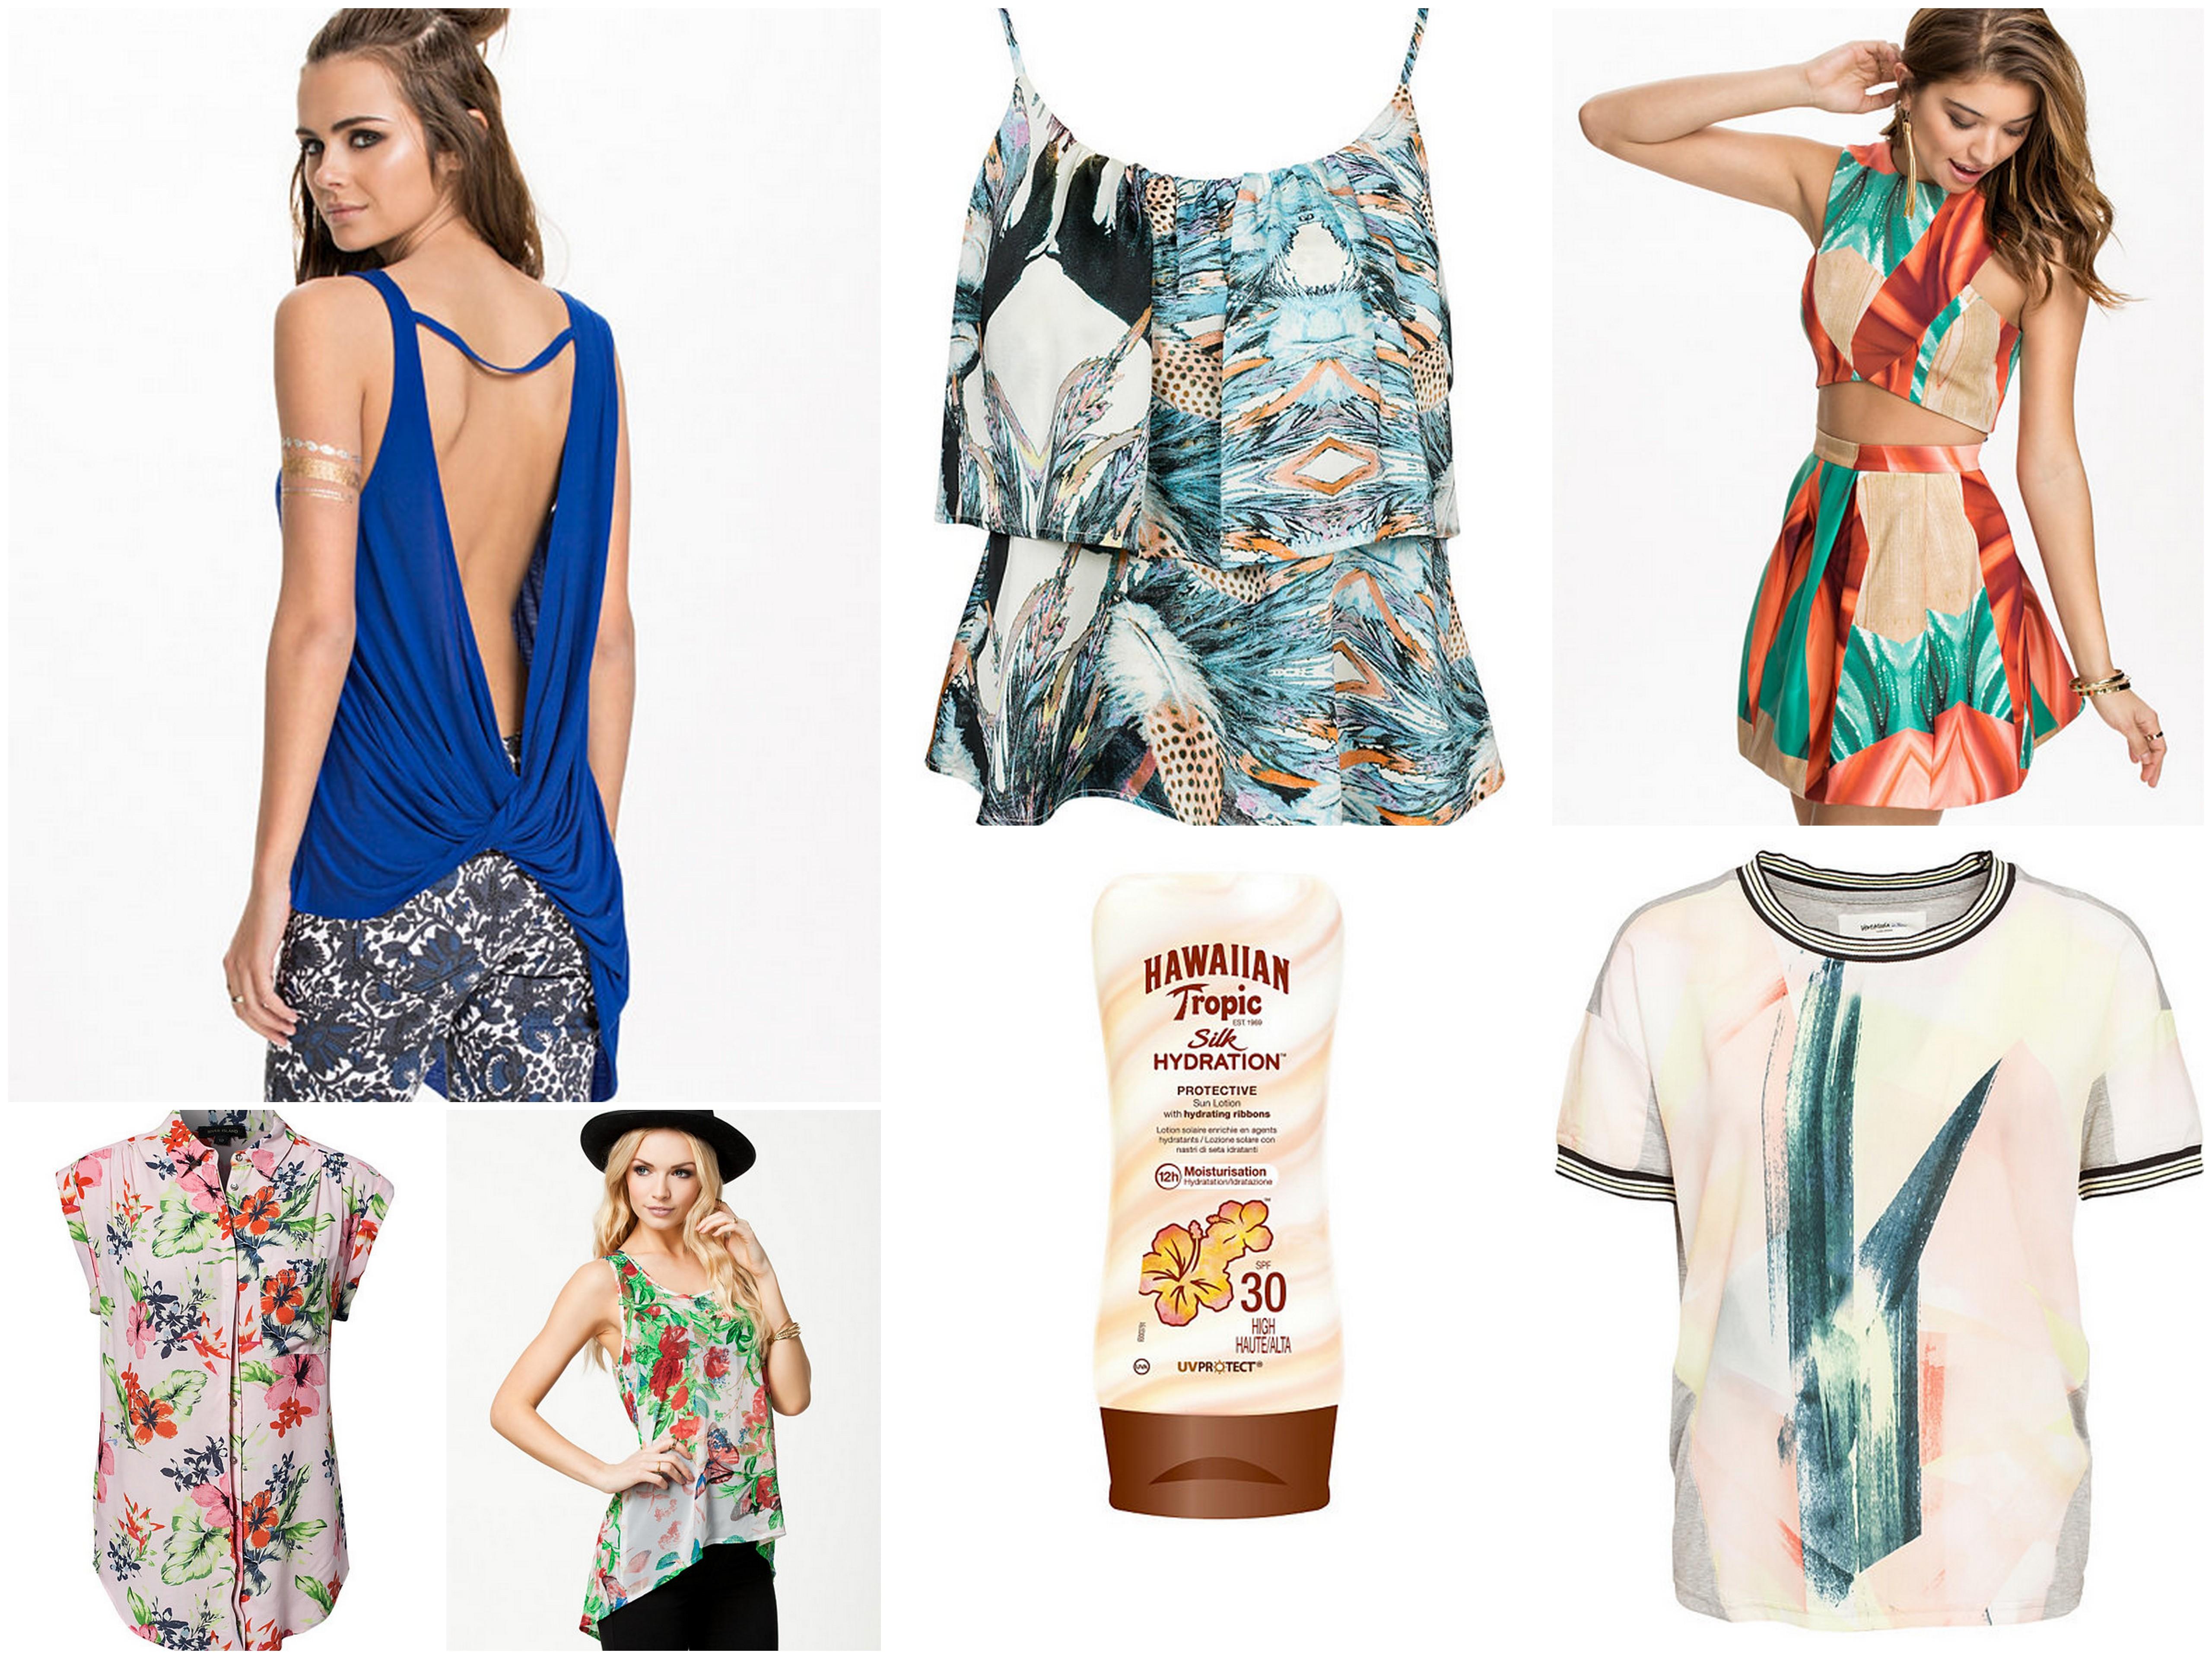 Tassen Mode Voorjaar 2015 : Fahion trends voor de lente zomer all lovely things